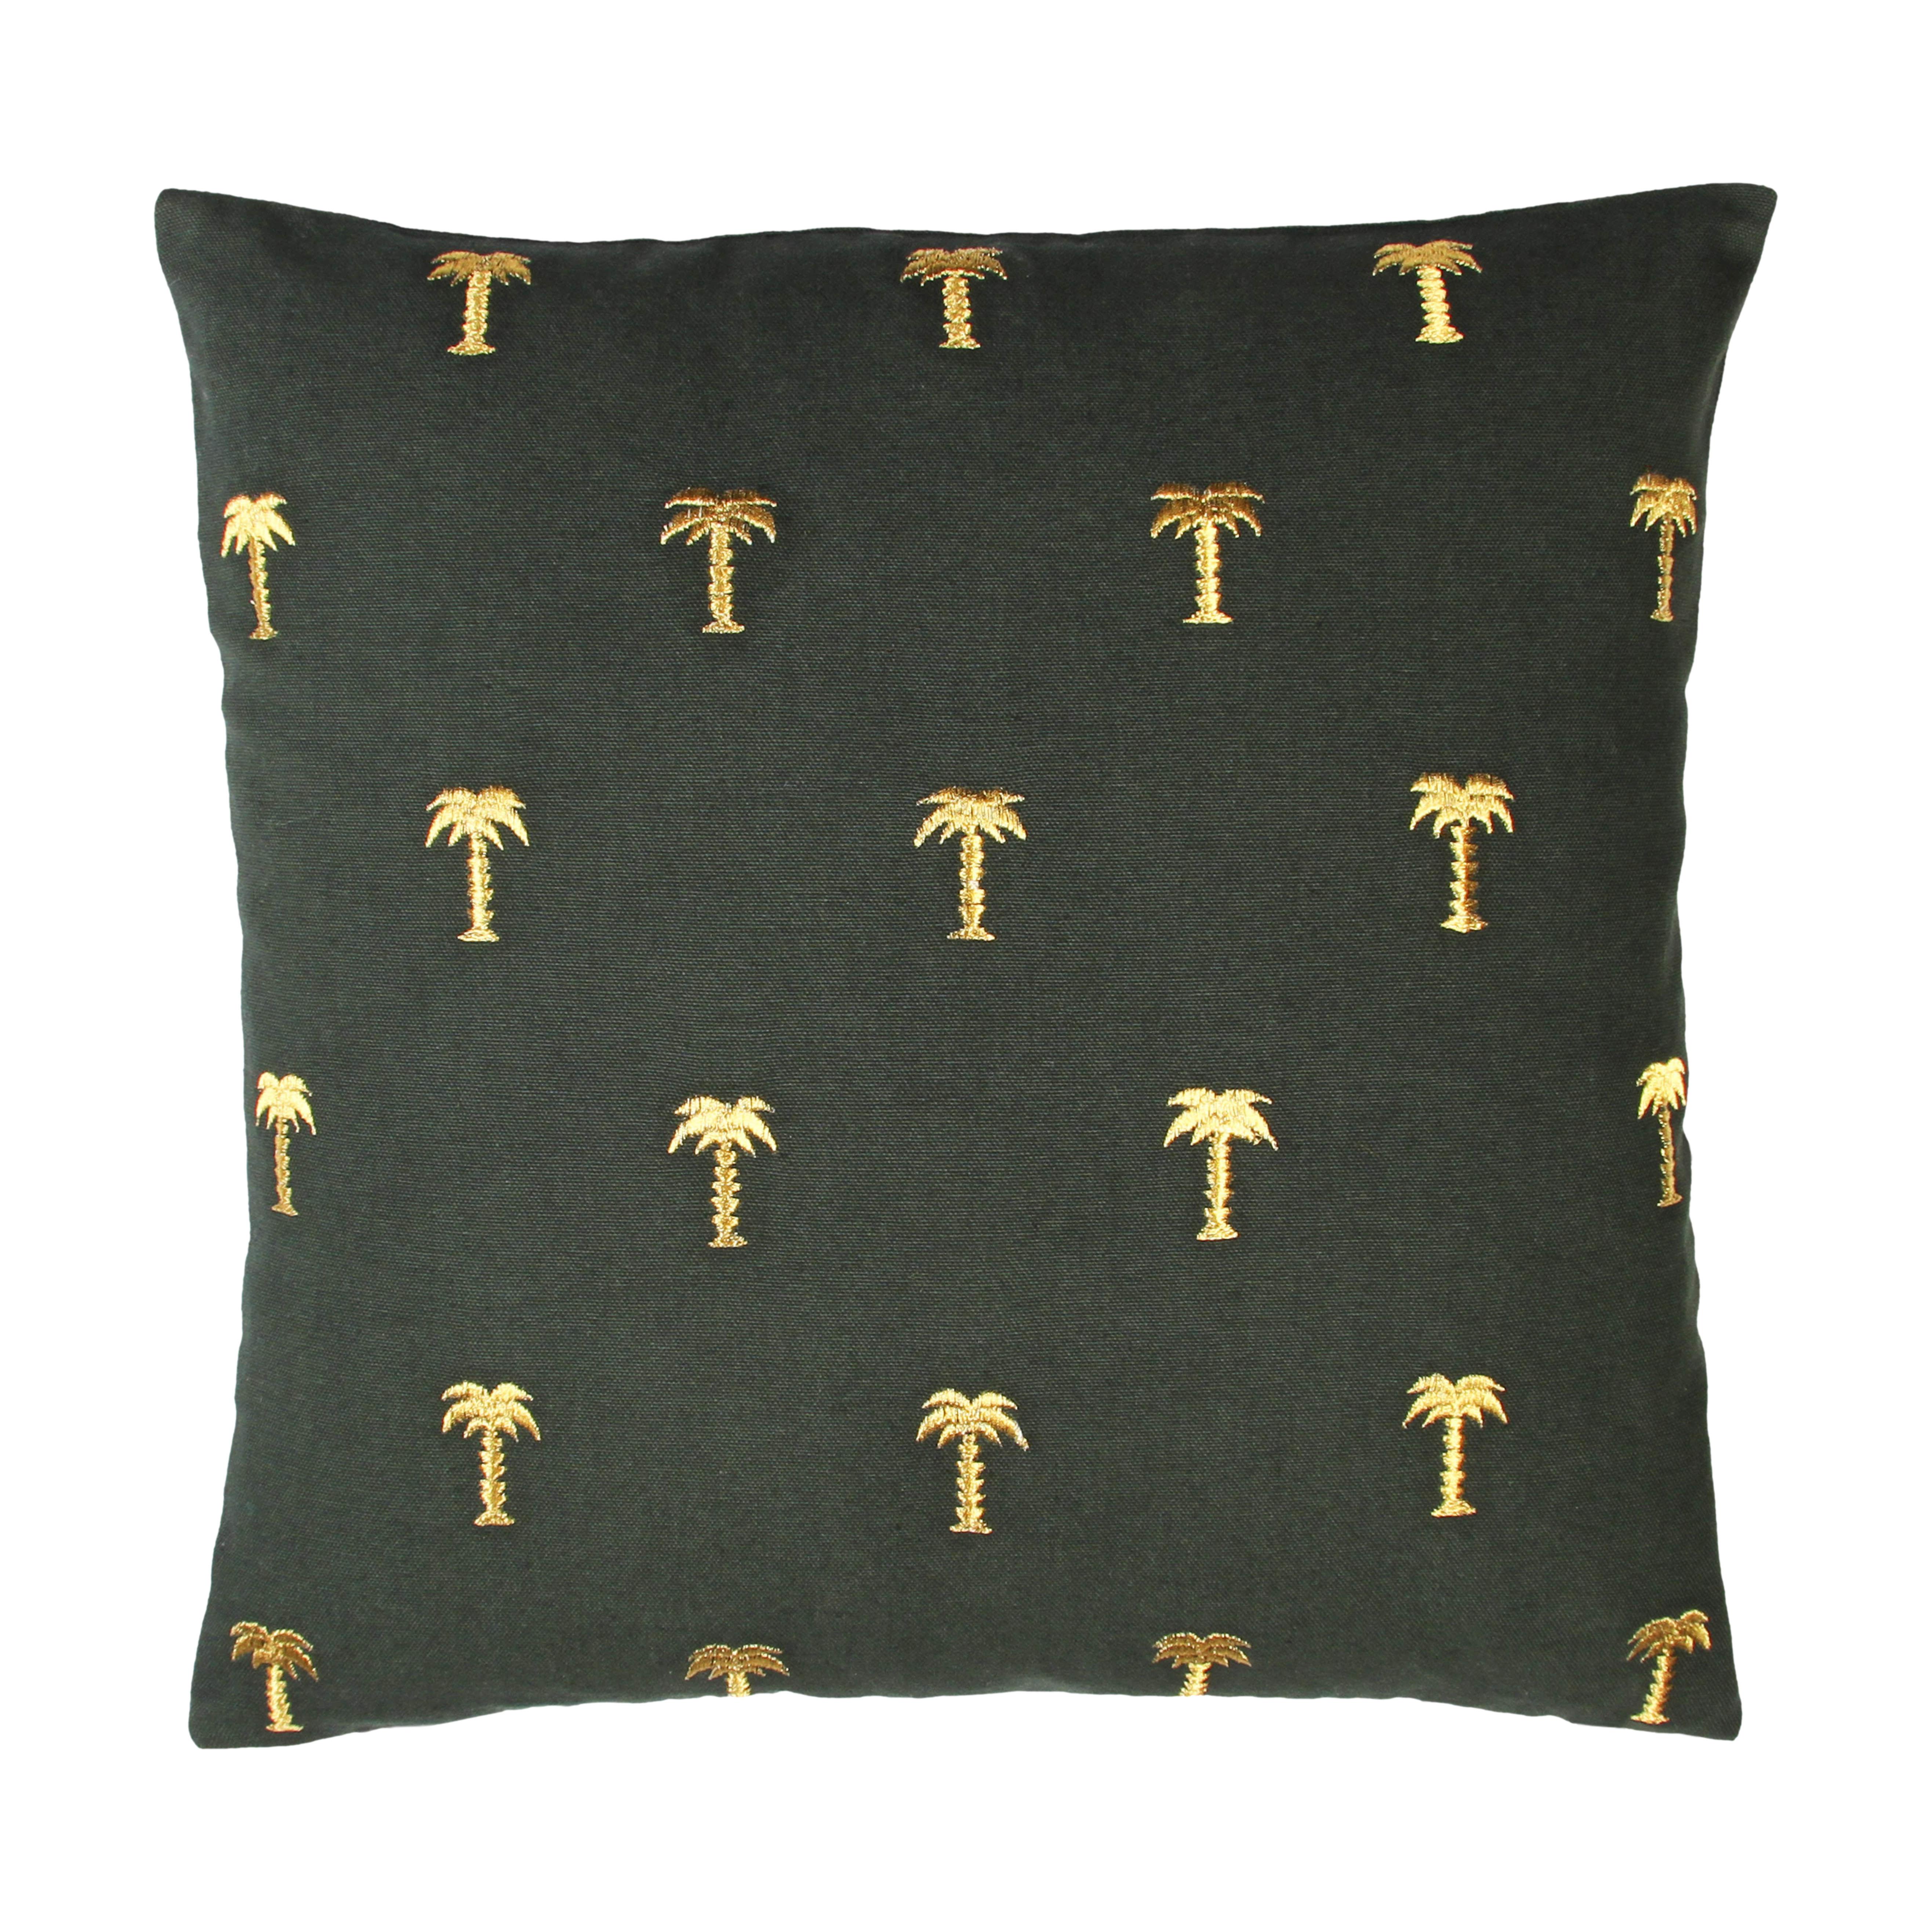 Déco - Coussins - Coussin Palmier / 40 x 40 cm - & klevering - Palmier / Vert foncé & or -  Plumes, Coton, Lurex